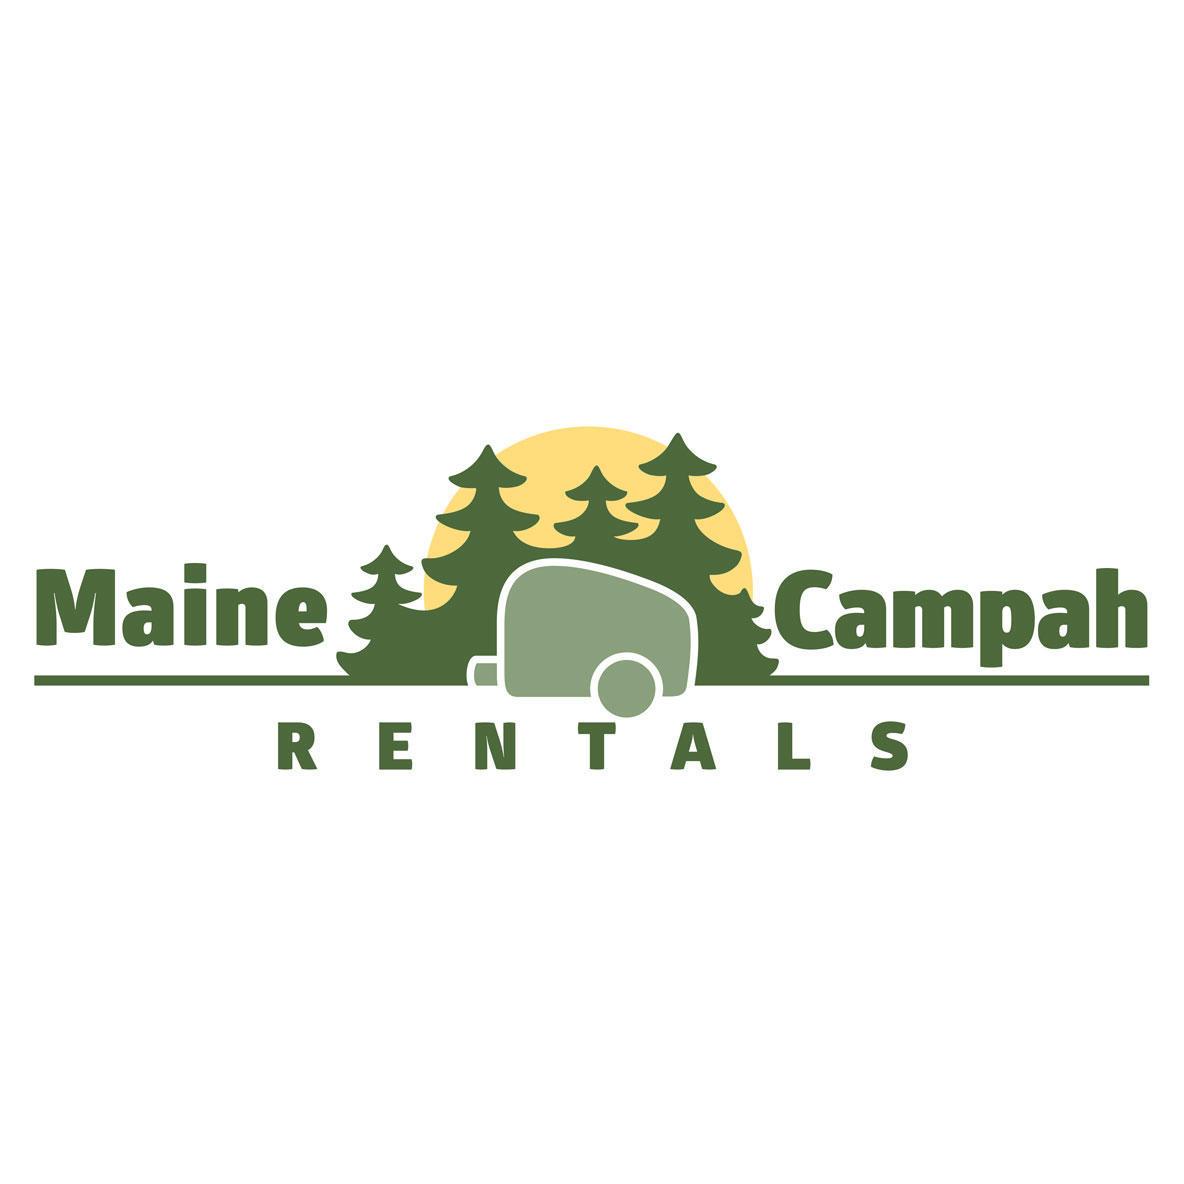 Maine Campah Rentals